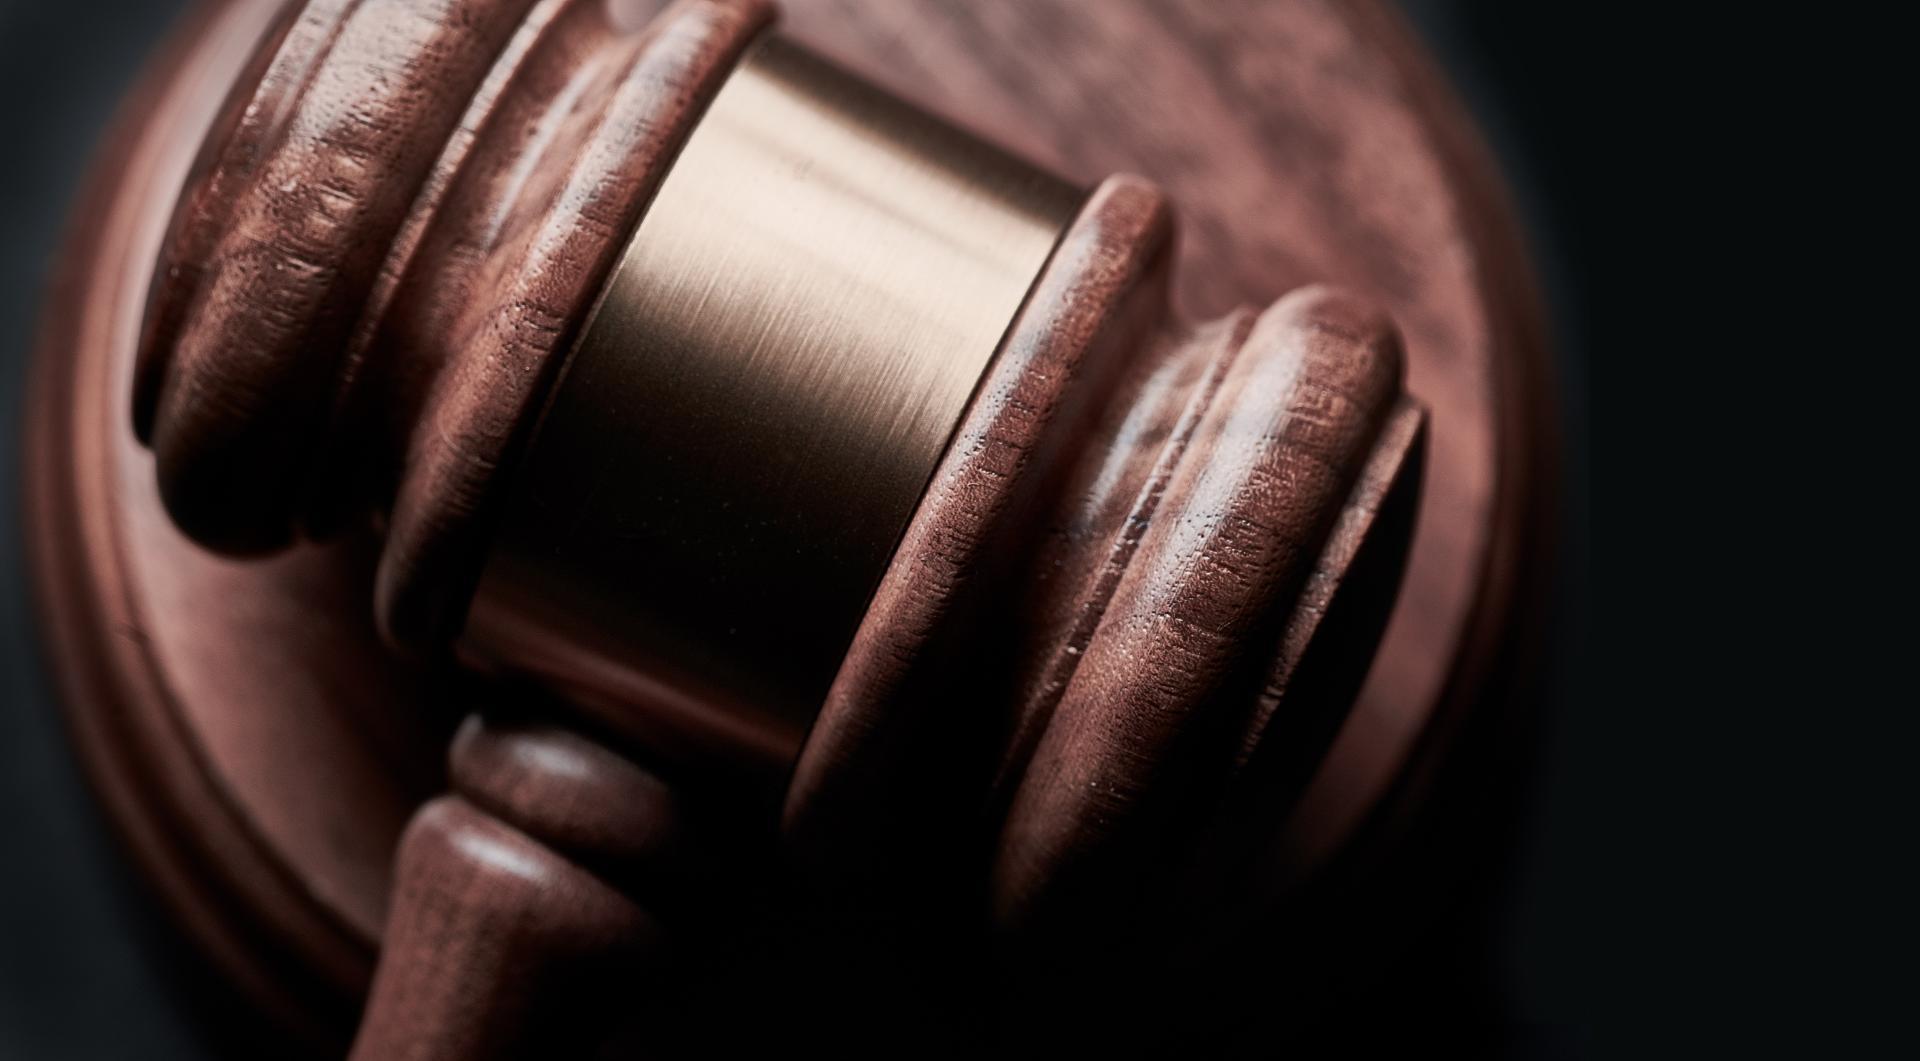 Αστική Ευθύνη Δικηγόρου & Δικηγορικής Εταιρίας